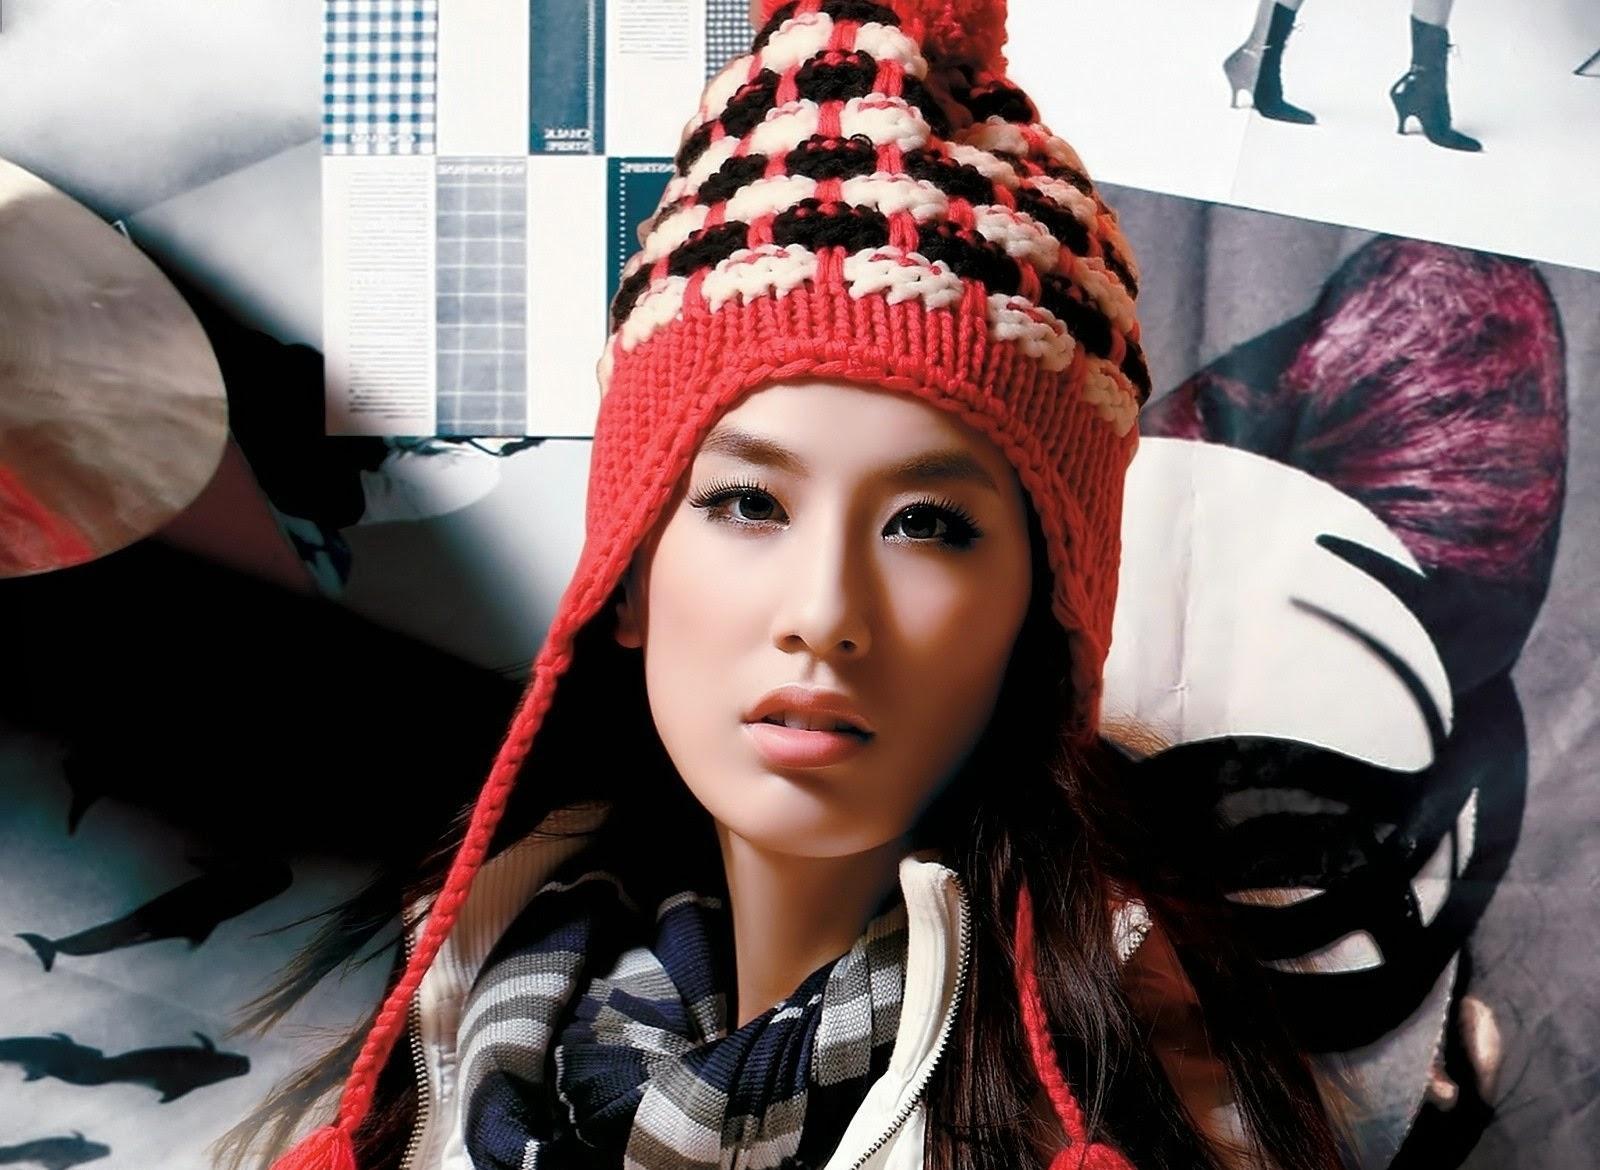 TOP STARS HD WALLPAPER FREE DOWNLOAD: Eva Huang Top Star Hd ...